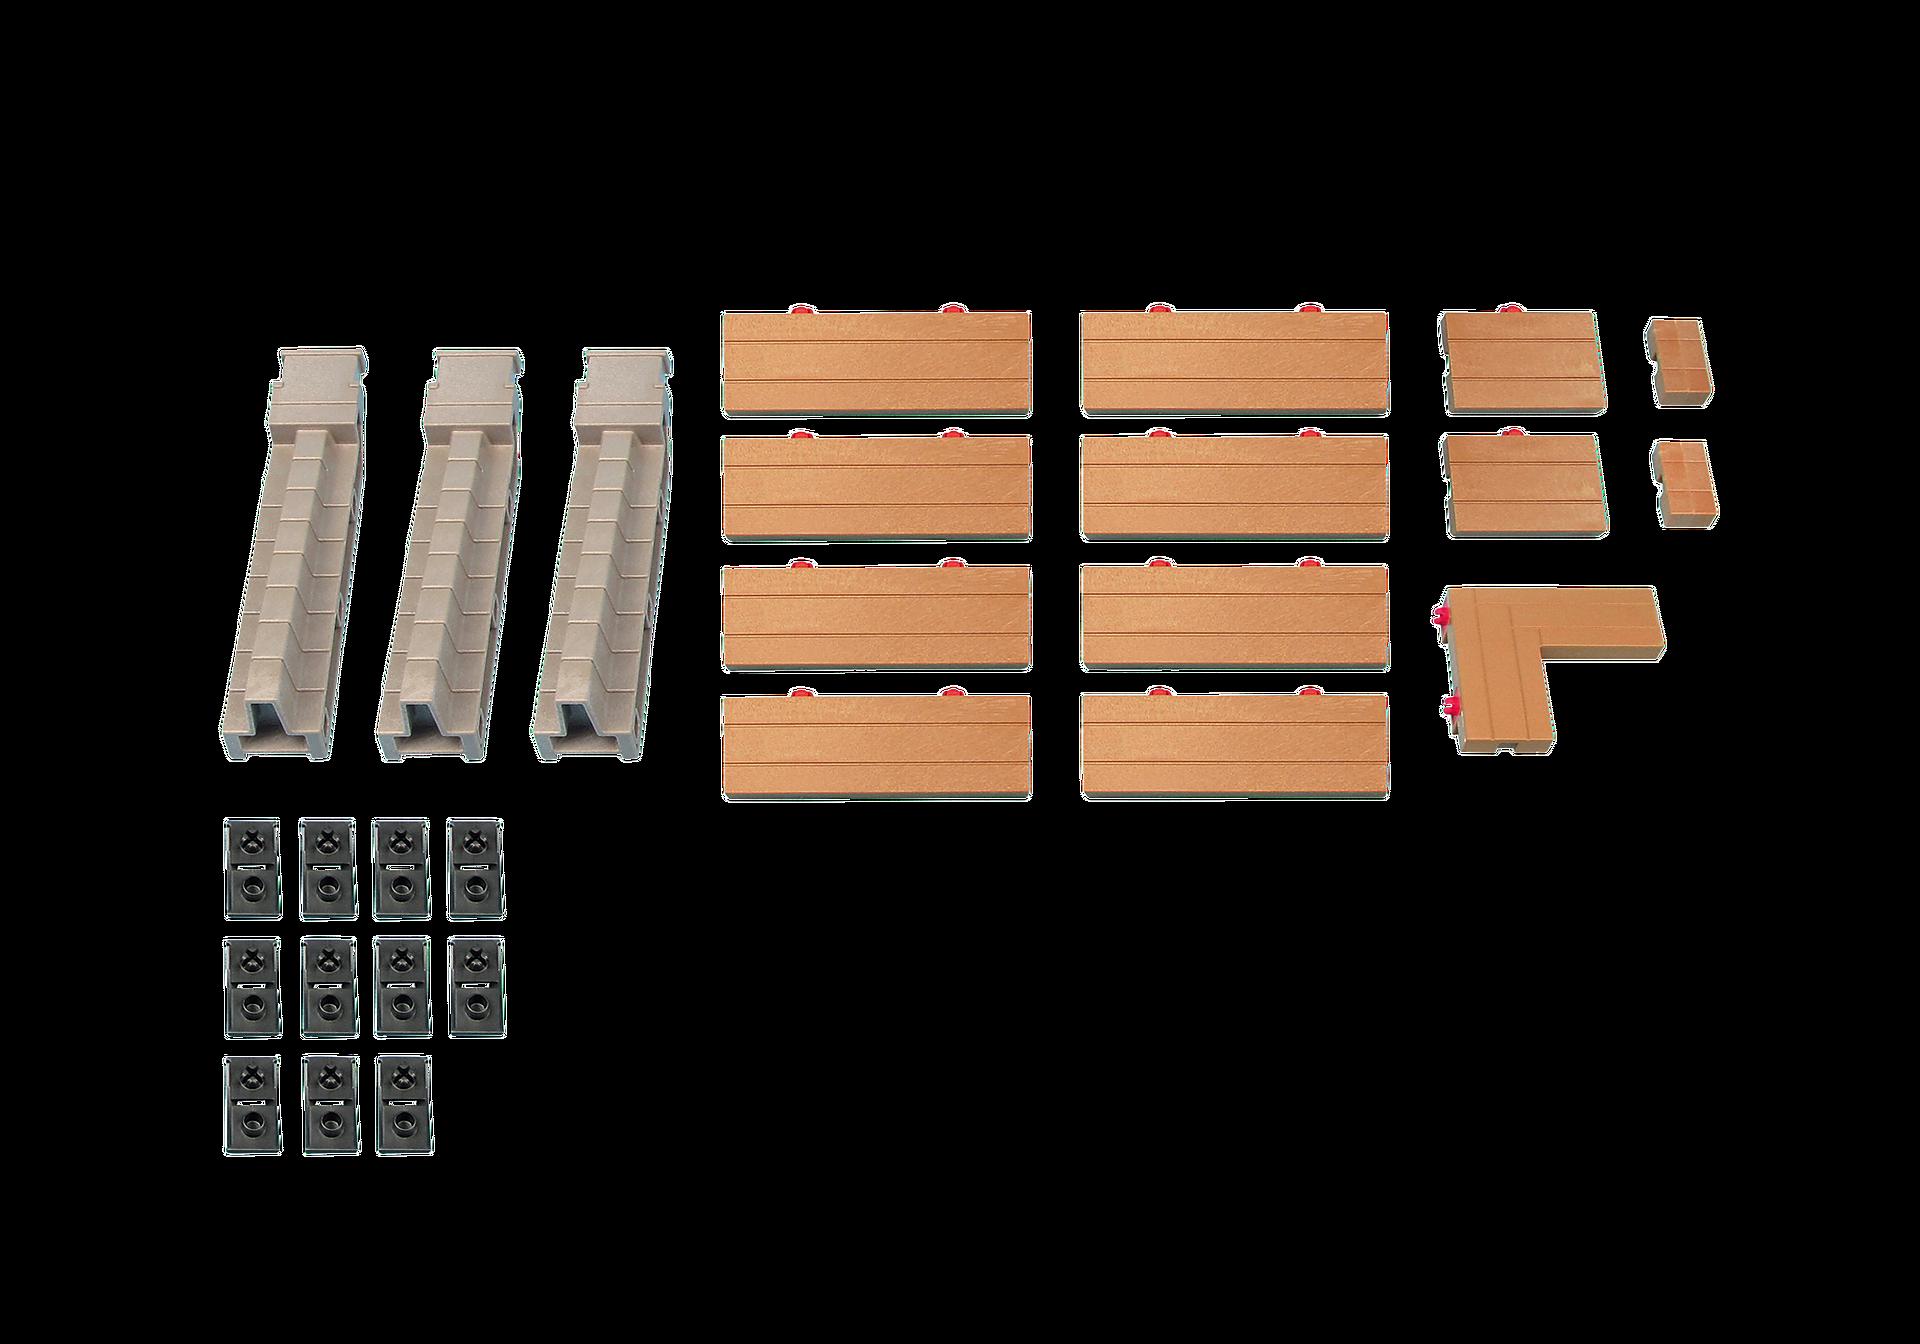 6372 Eléments d'extension pour le Château (réf. 6000) et la Citadelle (réf. 6001) zoom image1